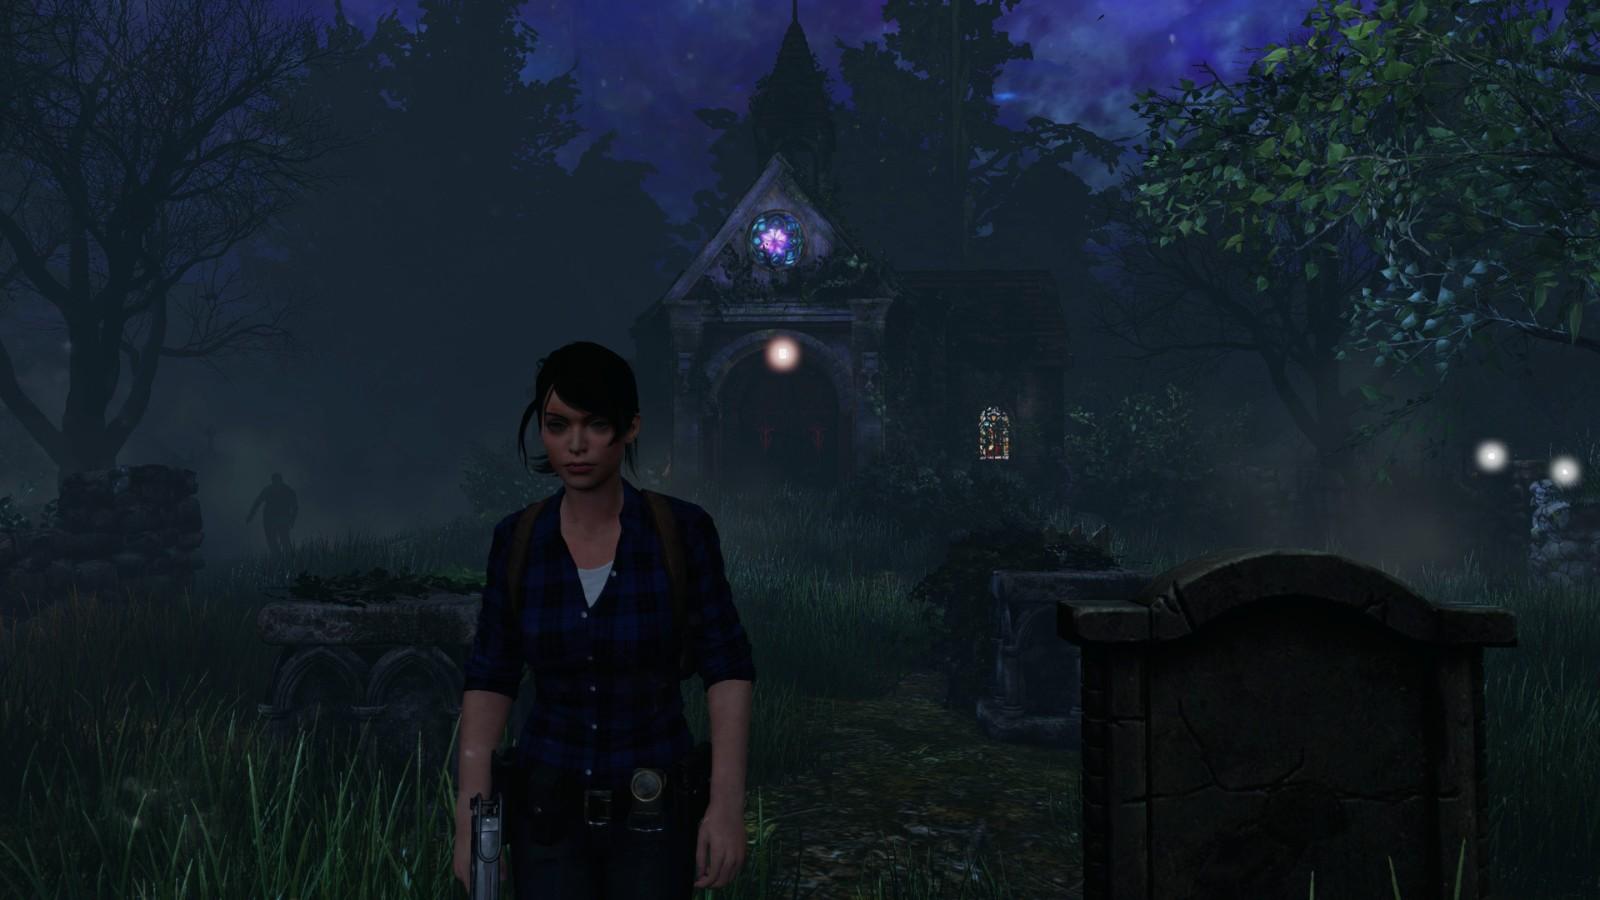 生存恐怖游戏《孤岛诡影》现已支持简体中文